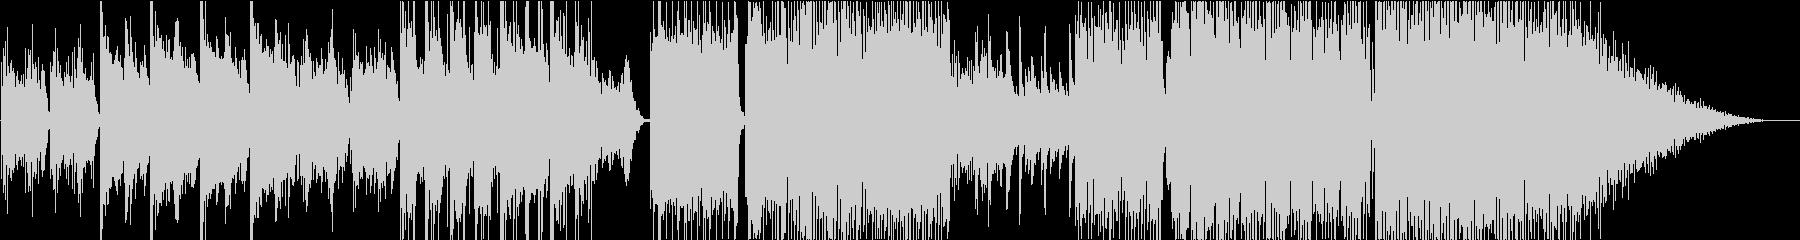 幻想的な4つ打ちエレクトロファンクの未再生の波形